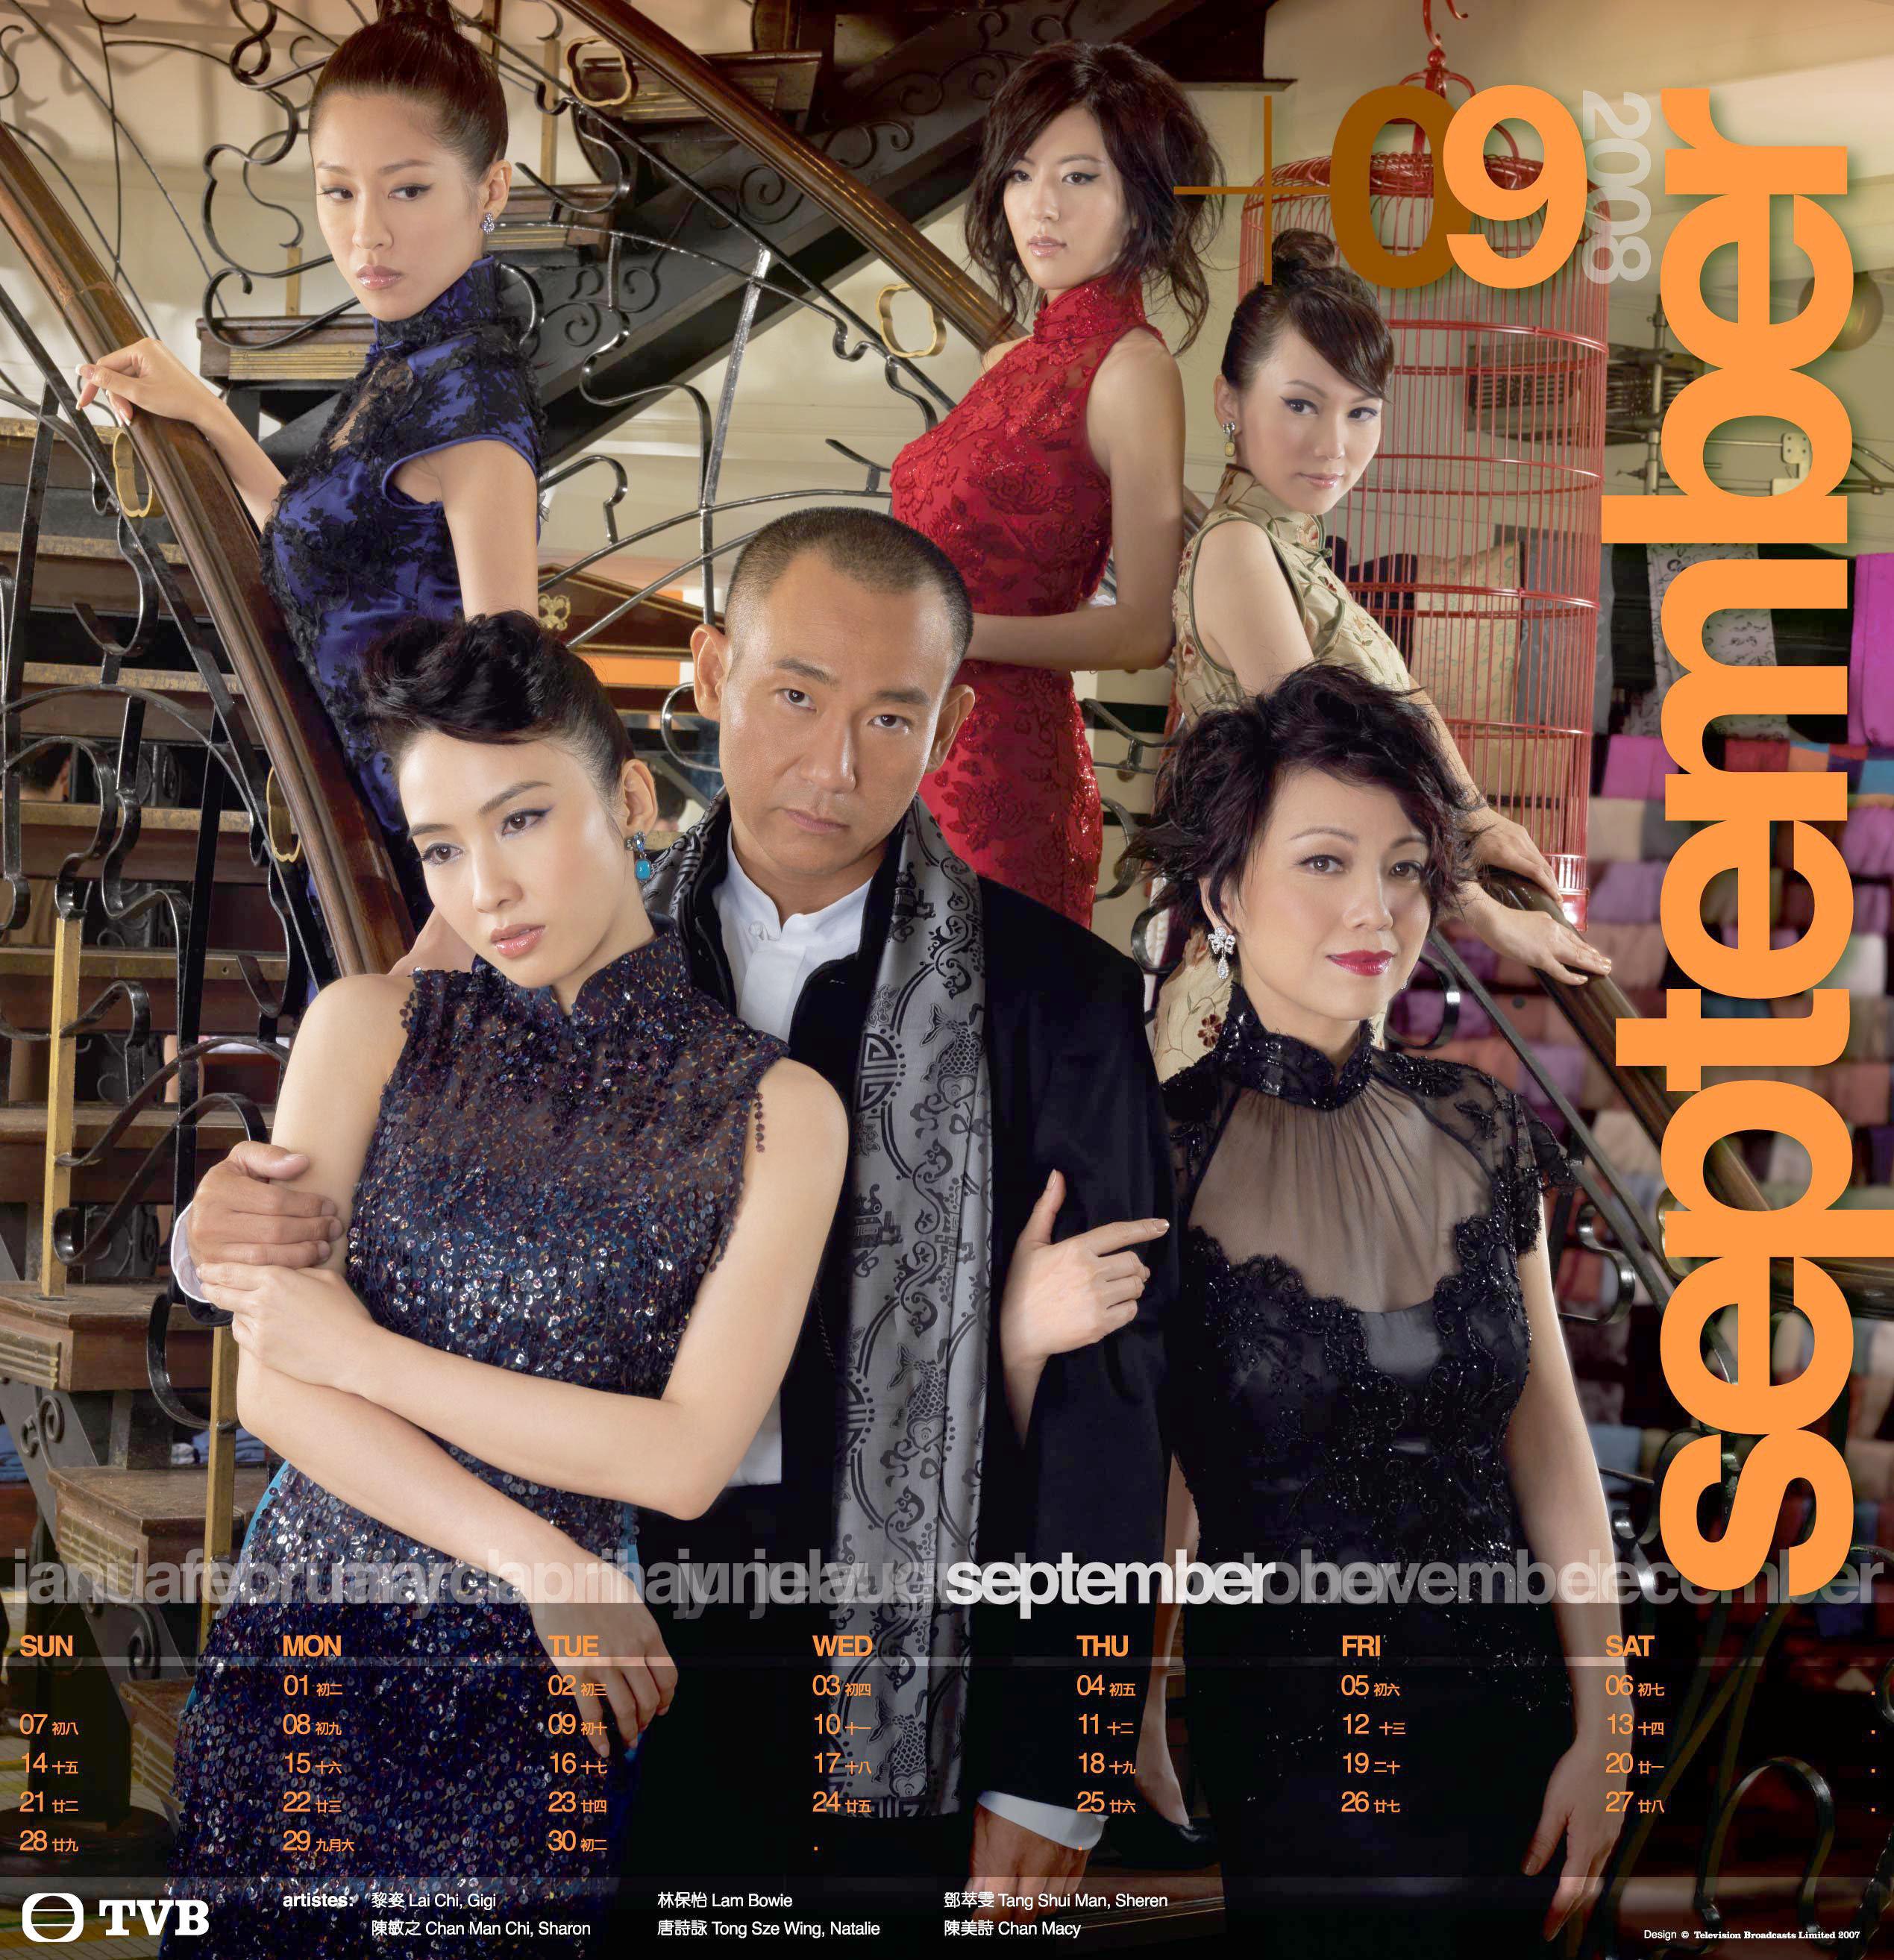 Hong Kong TVB calendar September 2008